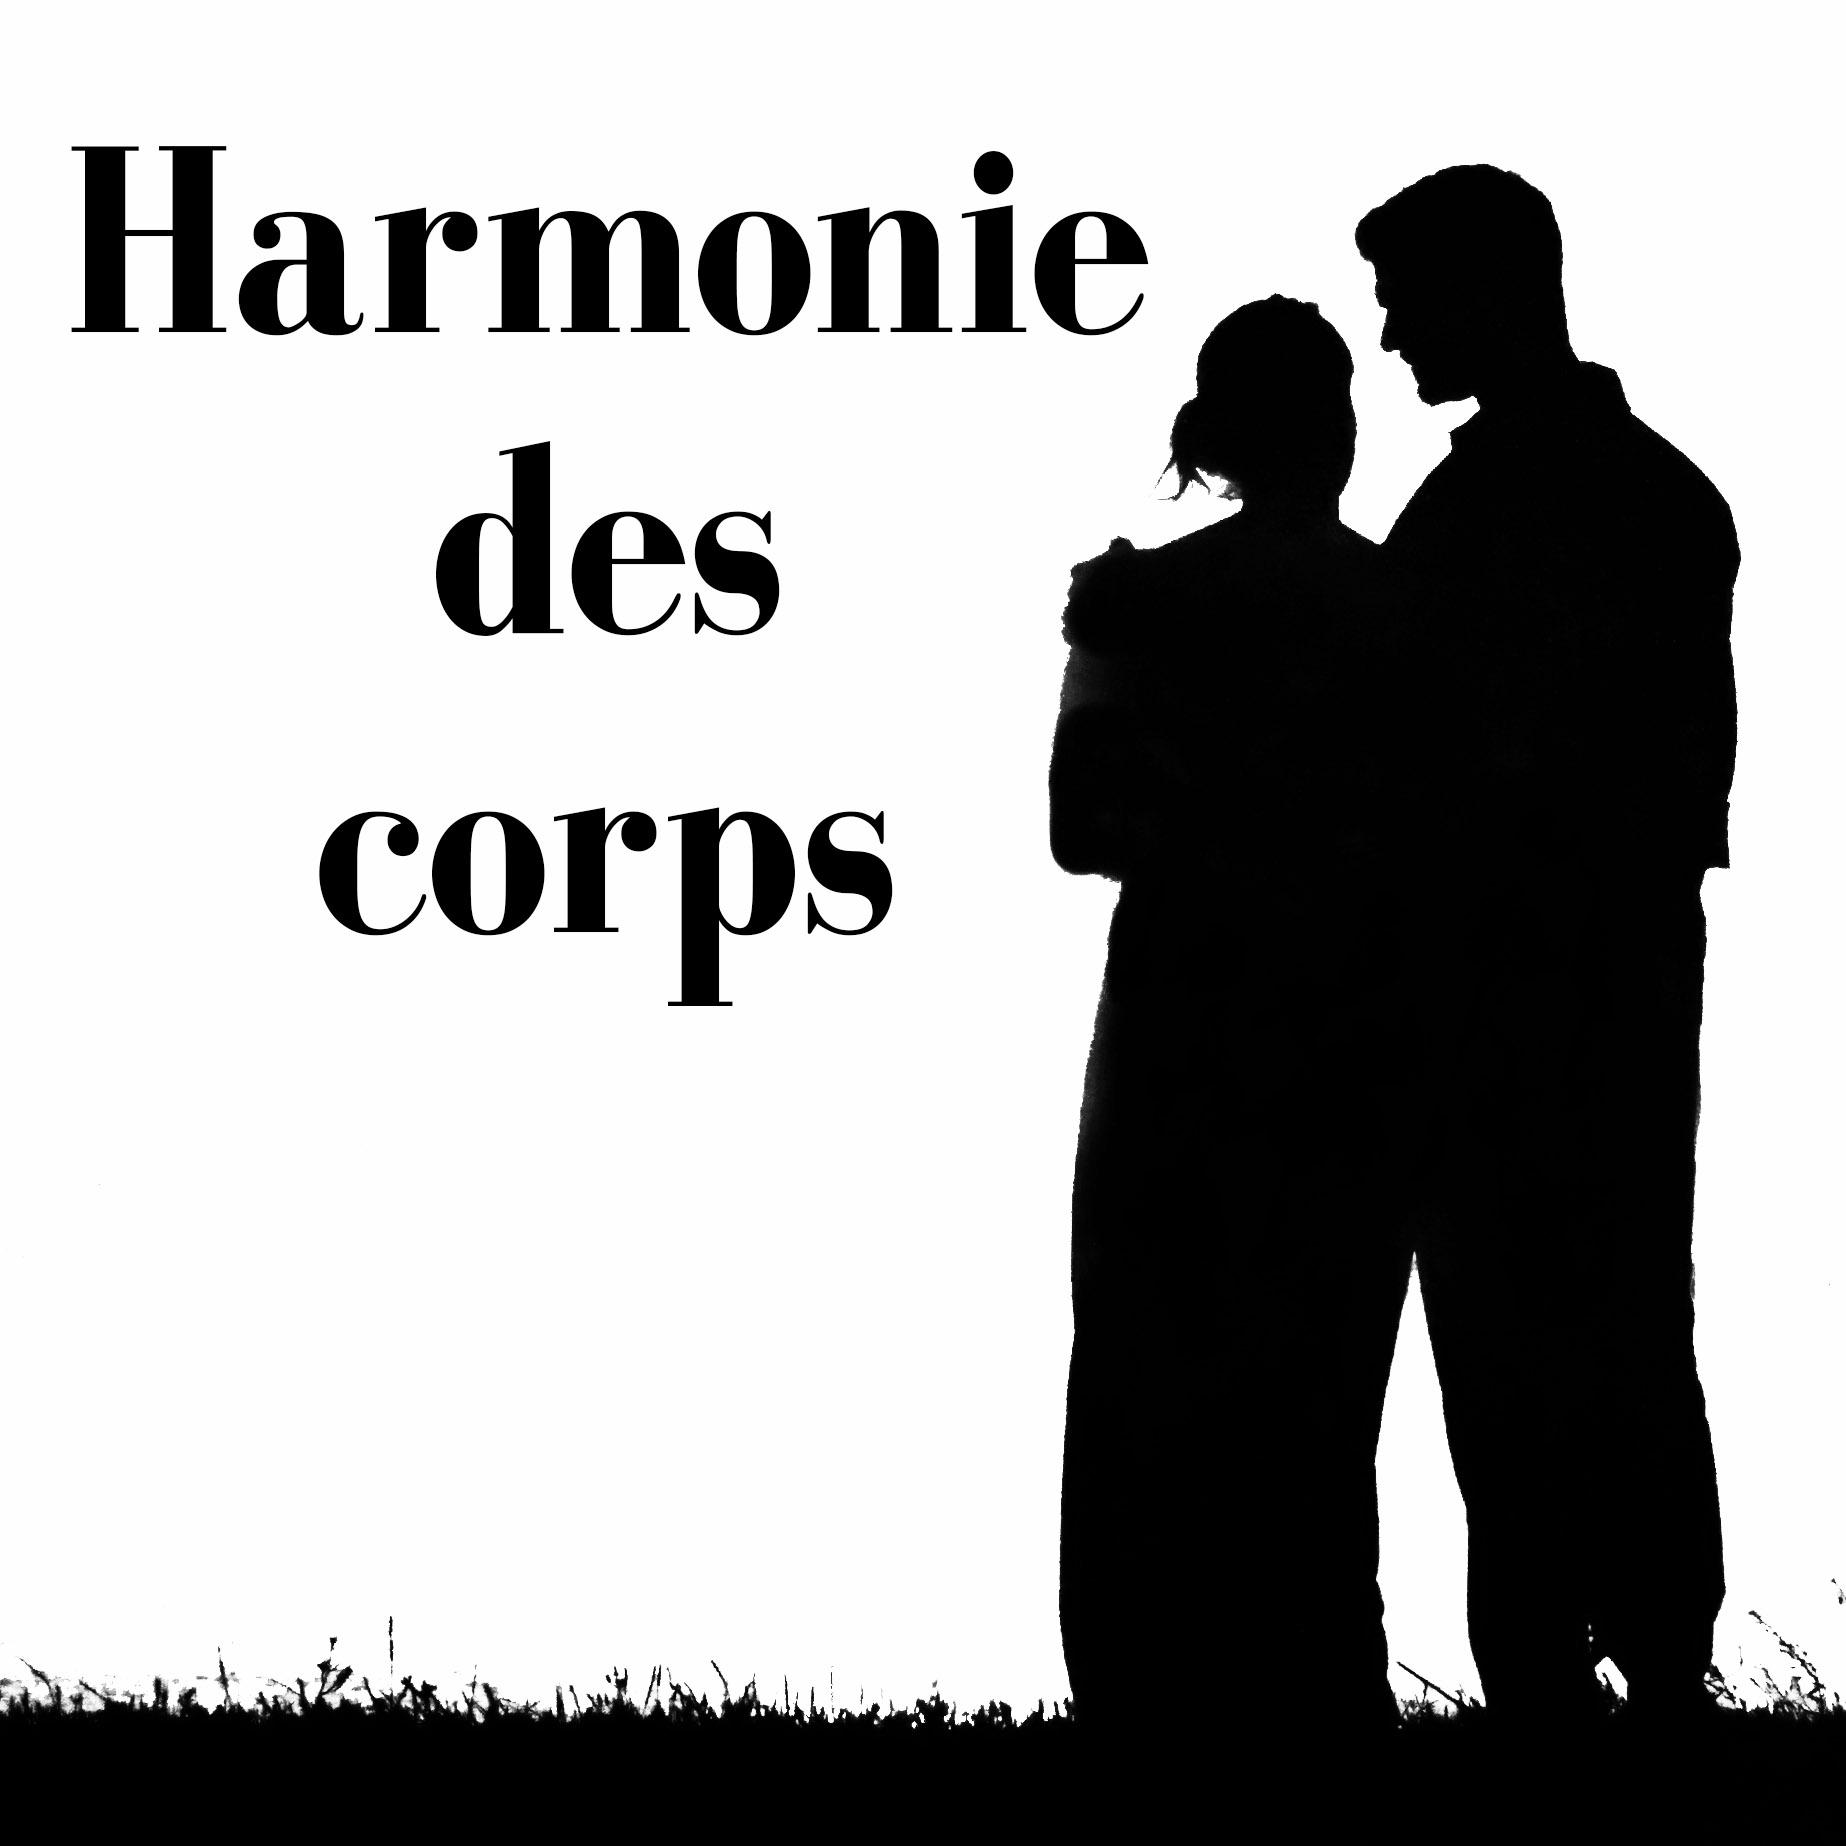 Harmonie des corps